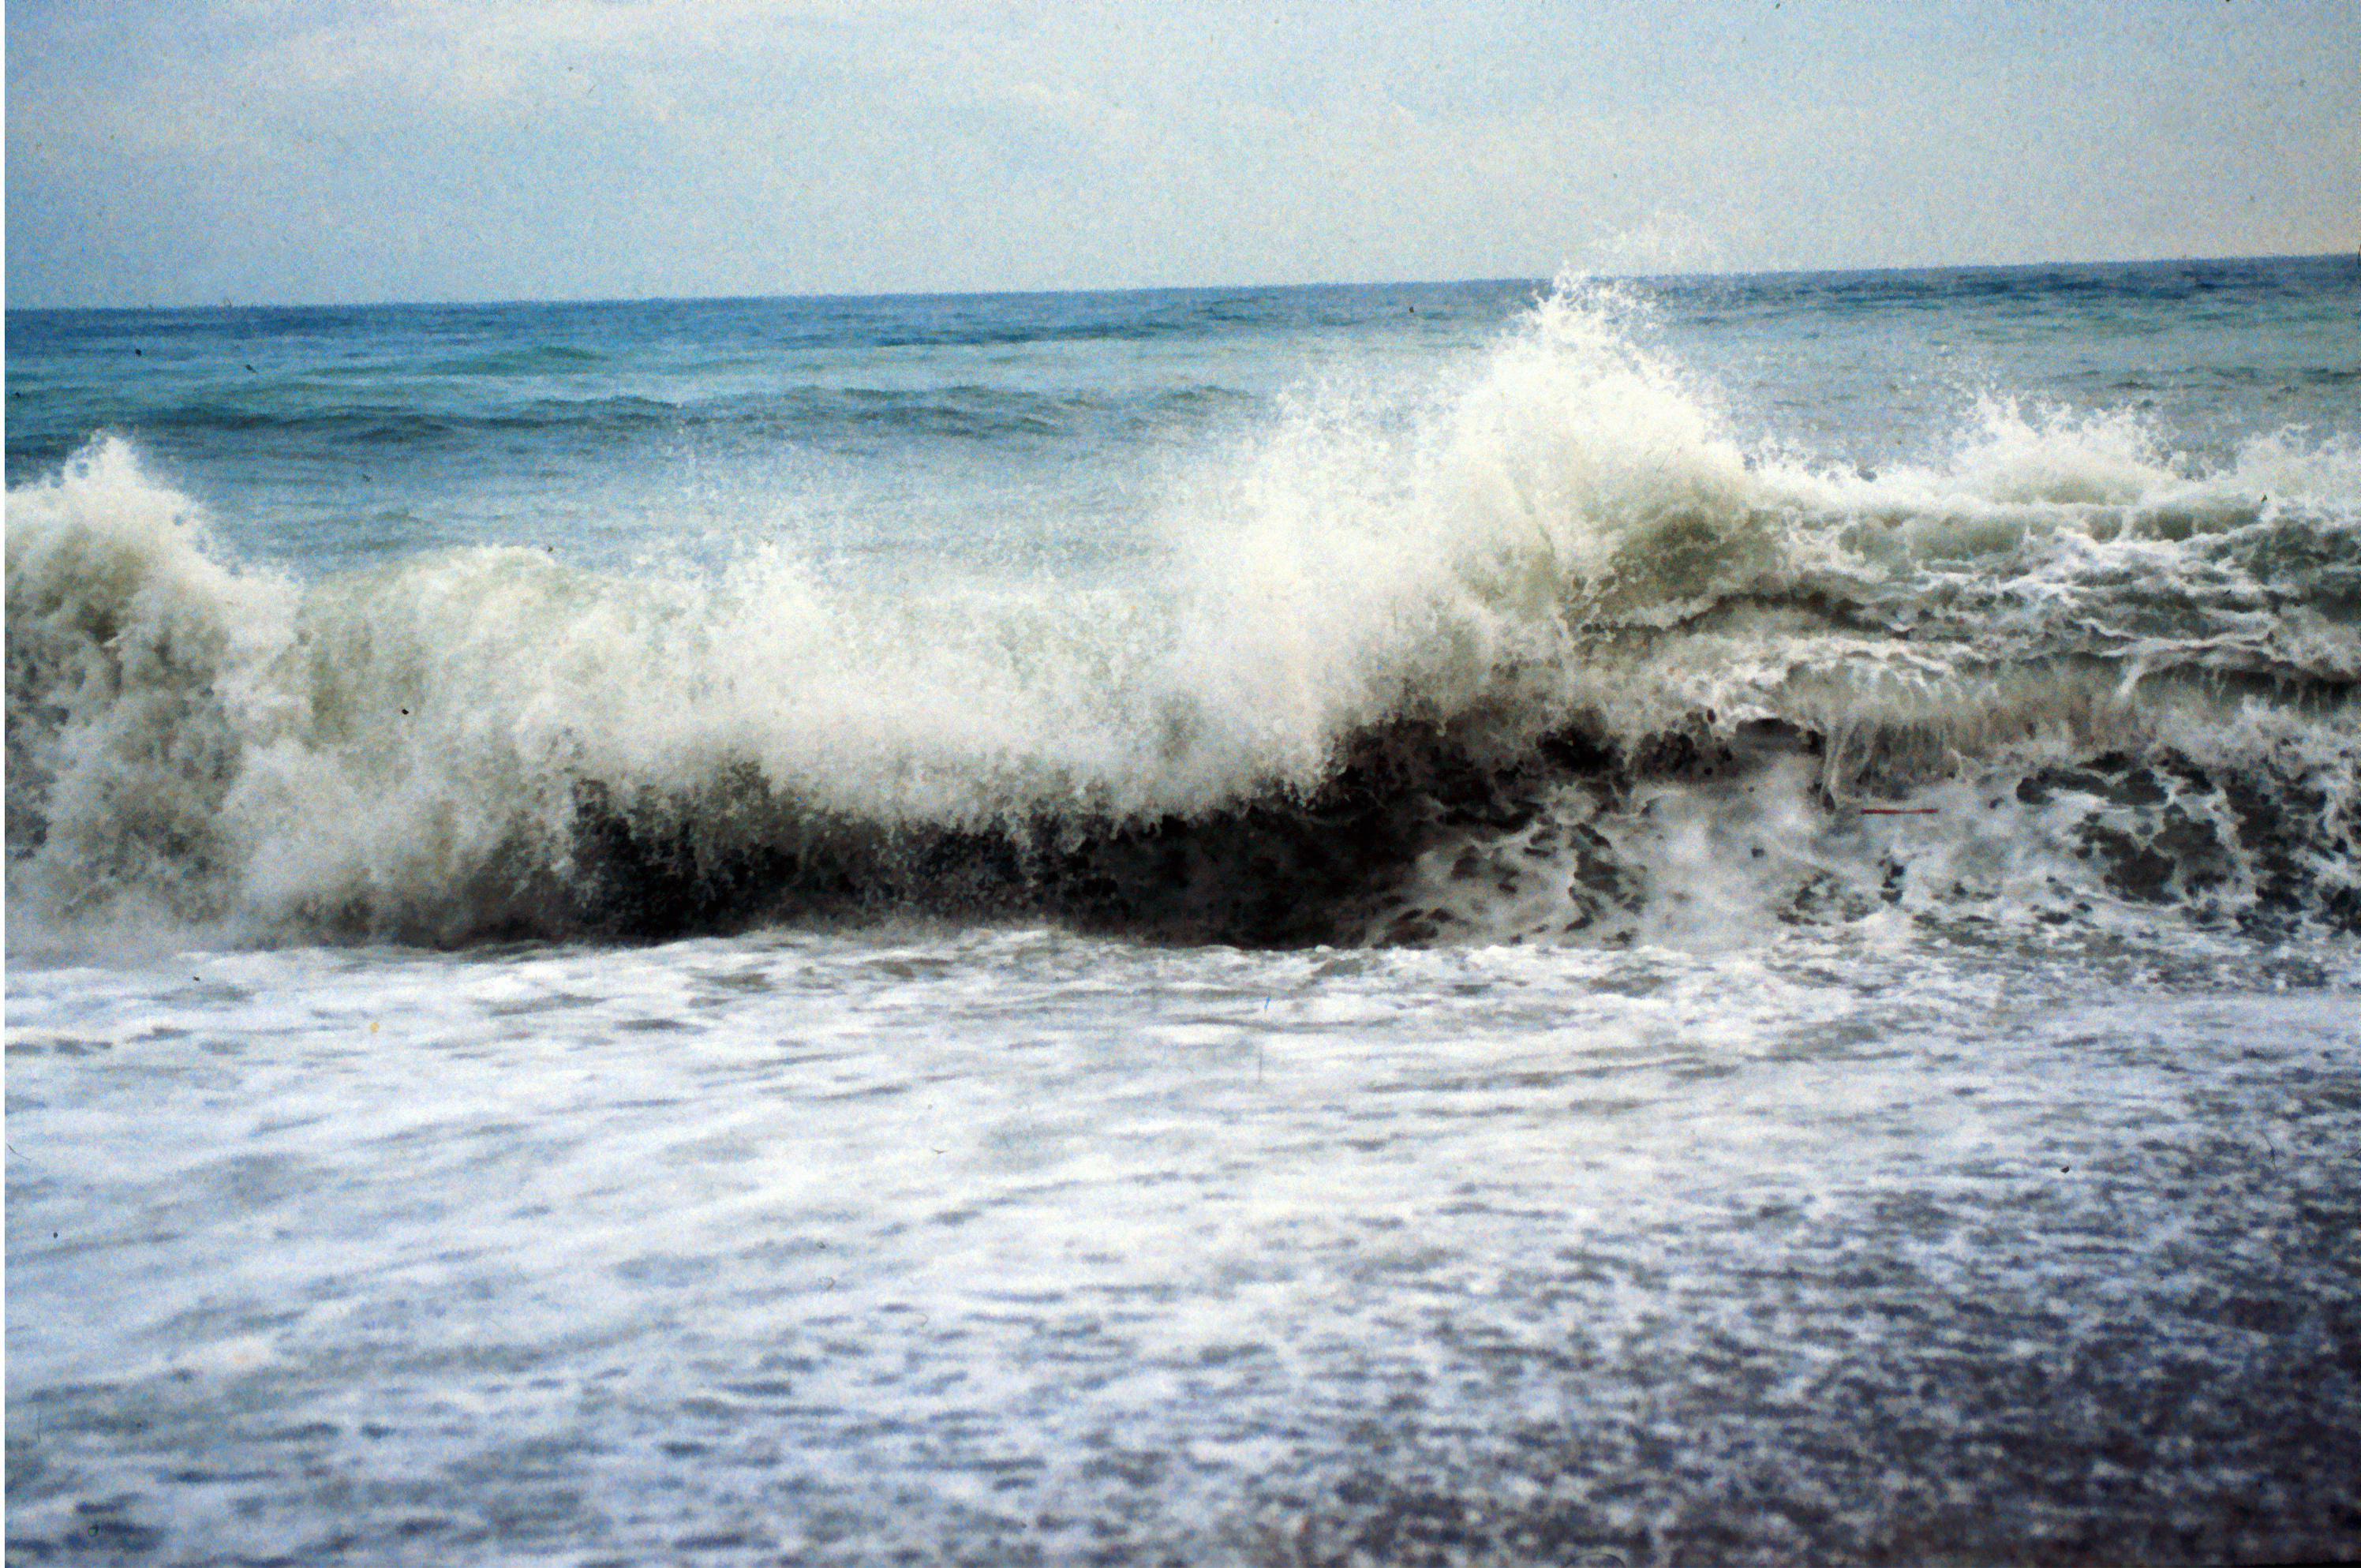 Rendere potabile l'acqua di mare, la soluzione in uno studio Italia-Usa